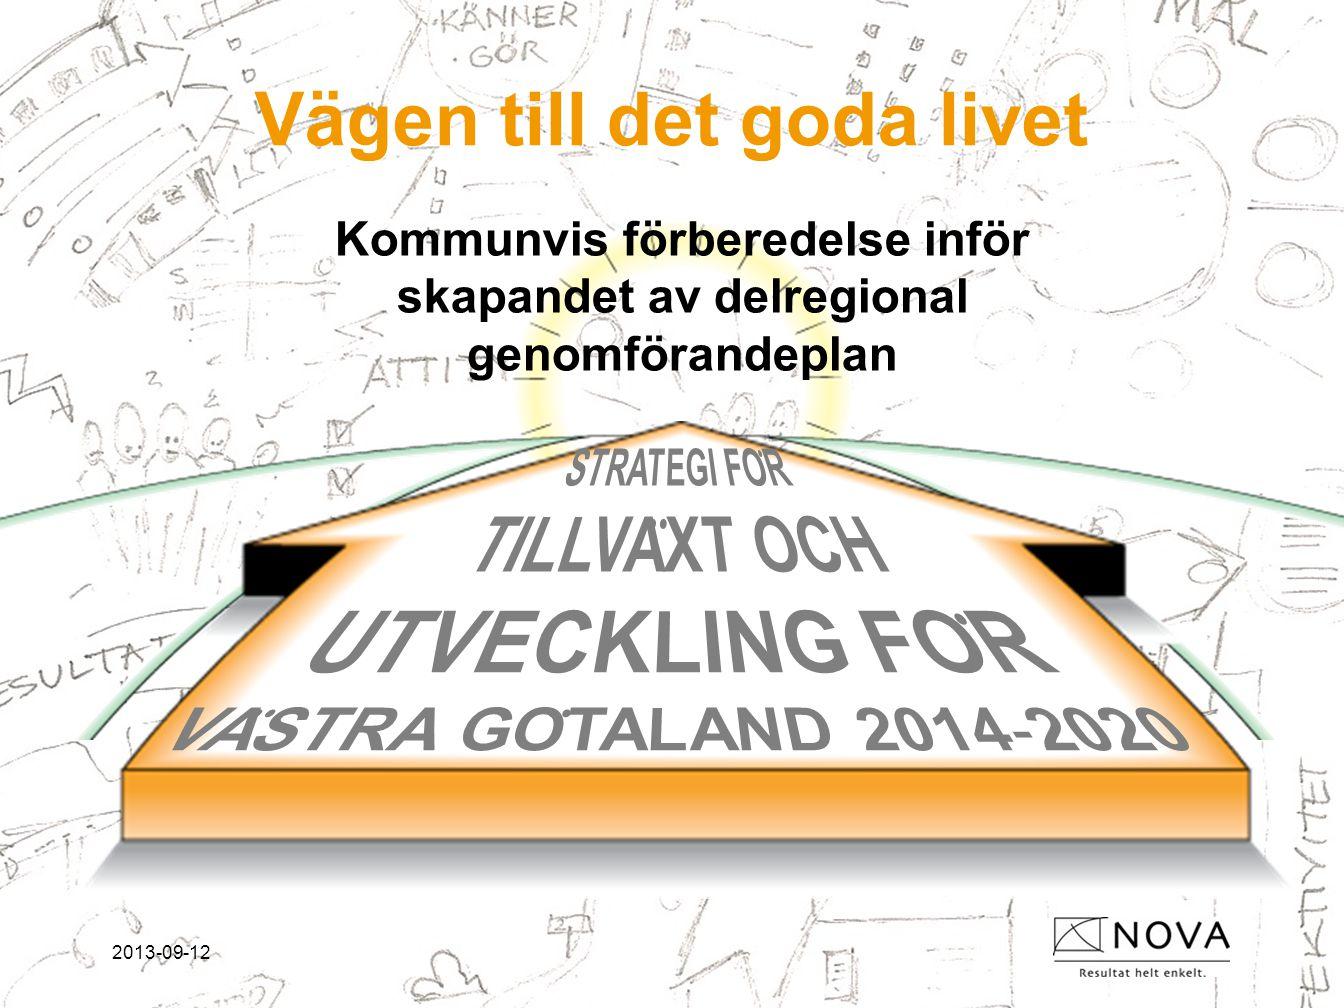 2013-09-12 Vägen till det goda livet Kommunvis förberedelse inför skapandet av delregional genomförandeplan